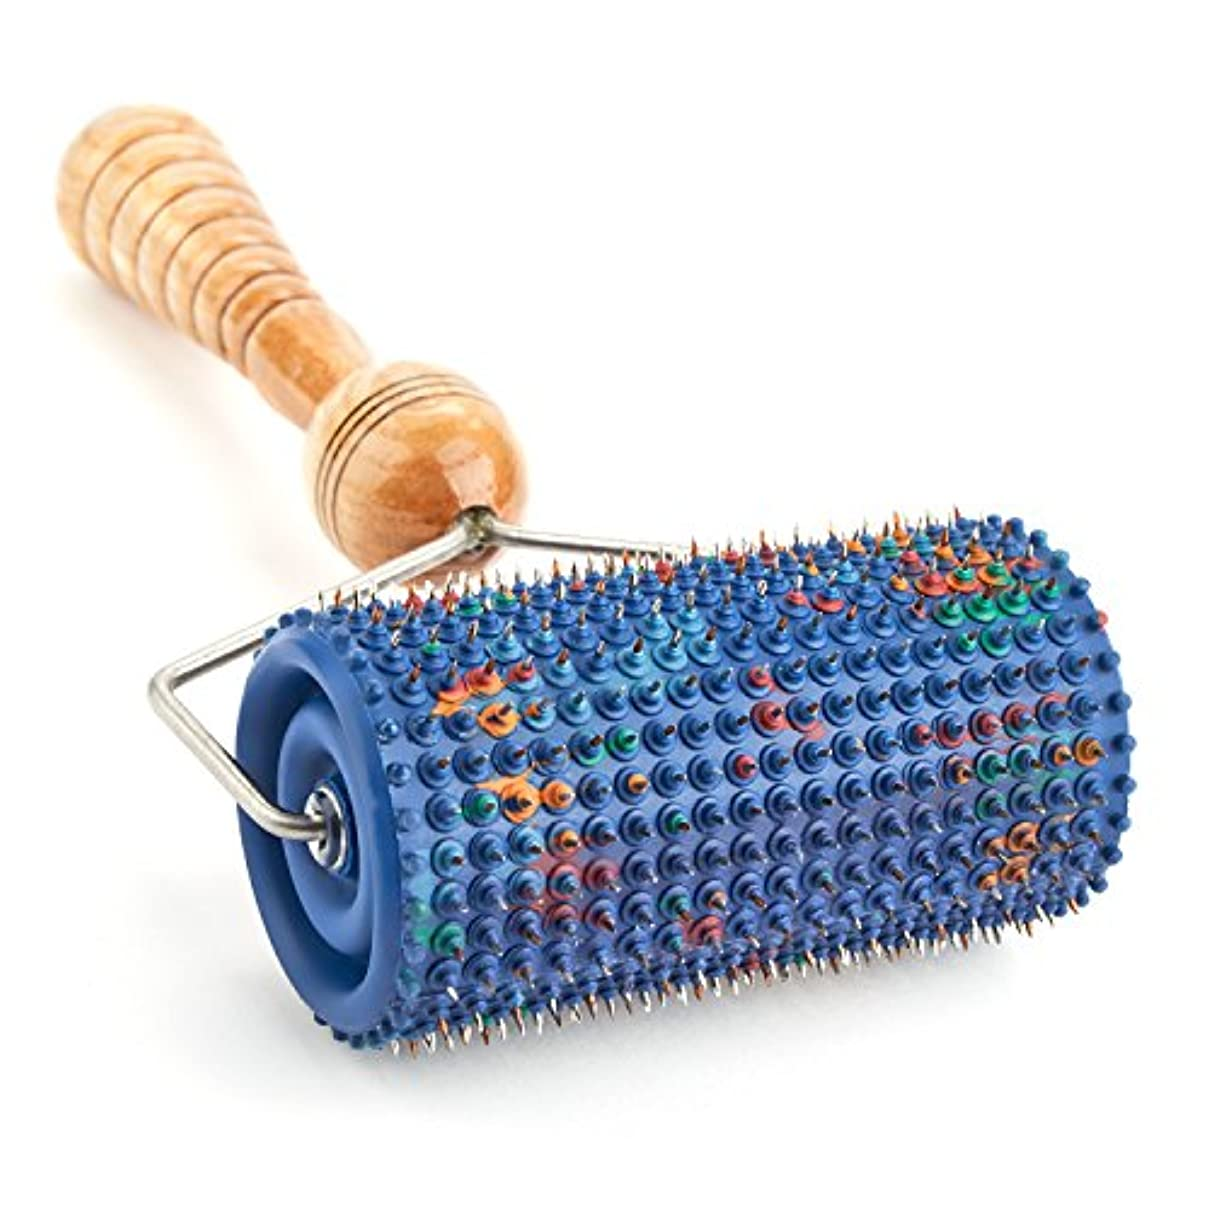 多用途フルートキャメルLYAPKOビッグローラーマッサージャー5.0 シルバーコーティング 指圧570針使用。体の広範囲のマッサージ用。ユニークなアプリケーター治療 セルフ ダイナミック マッサージ ツール Big Roller Massager...